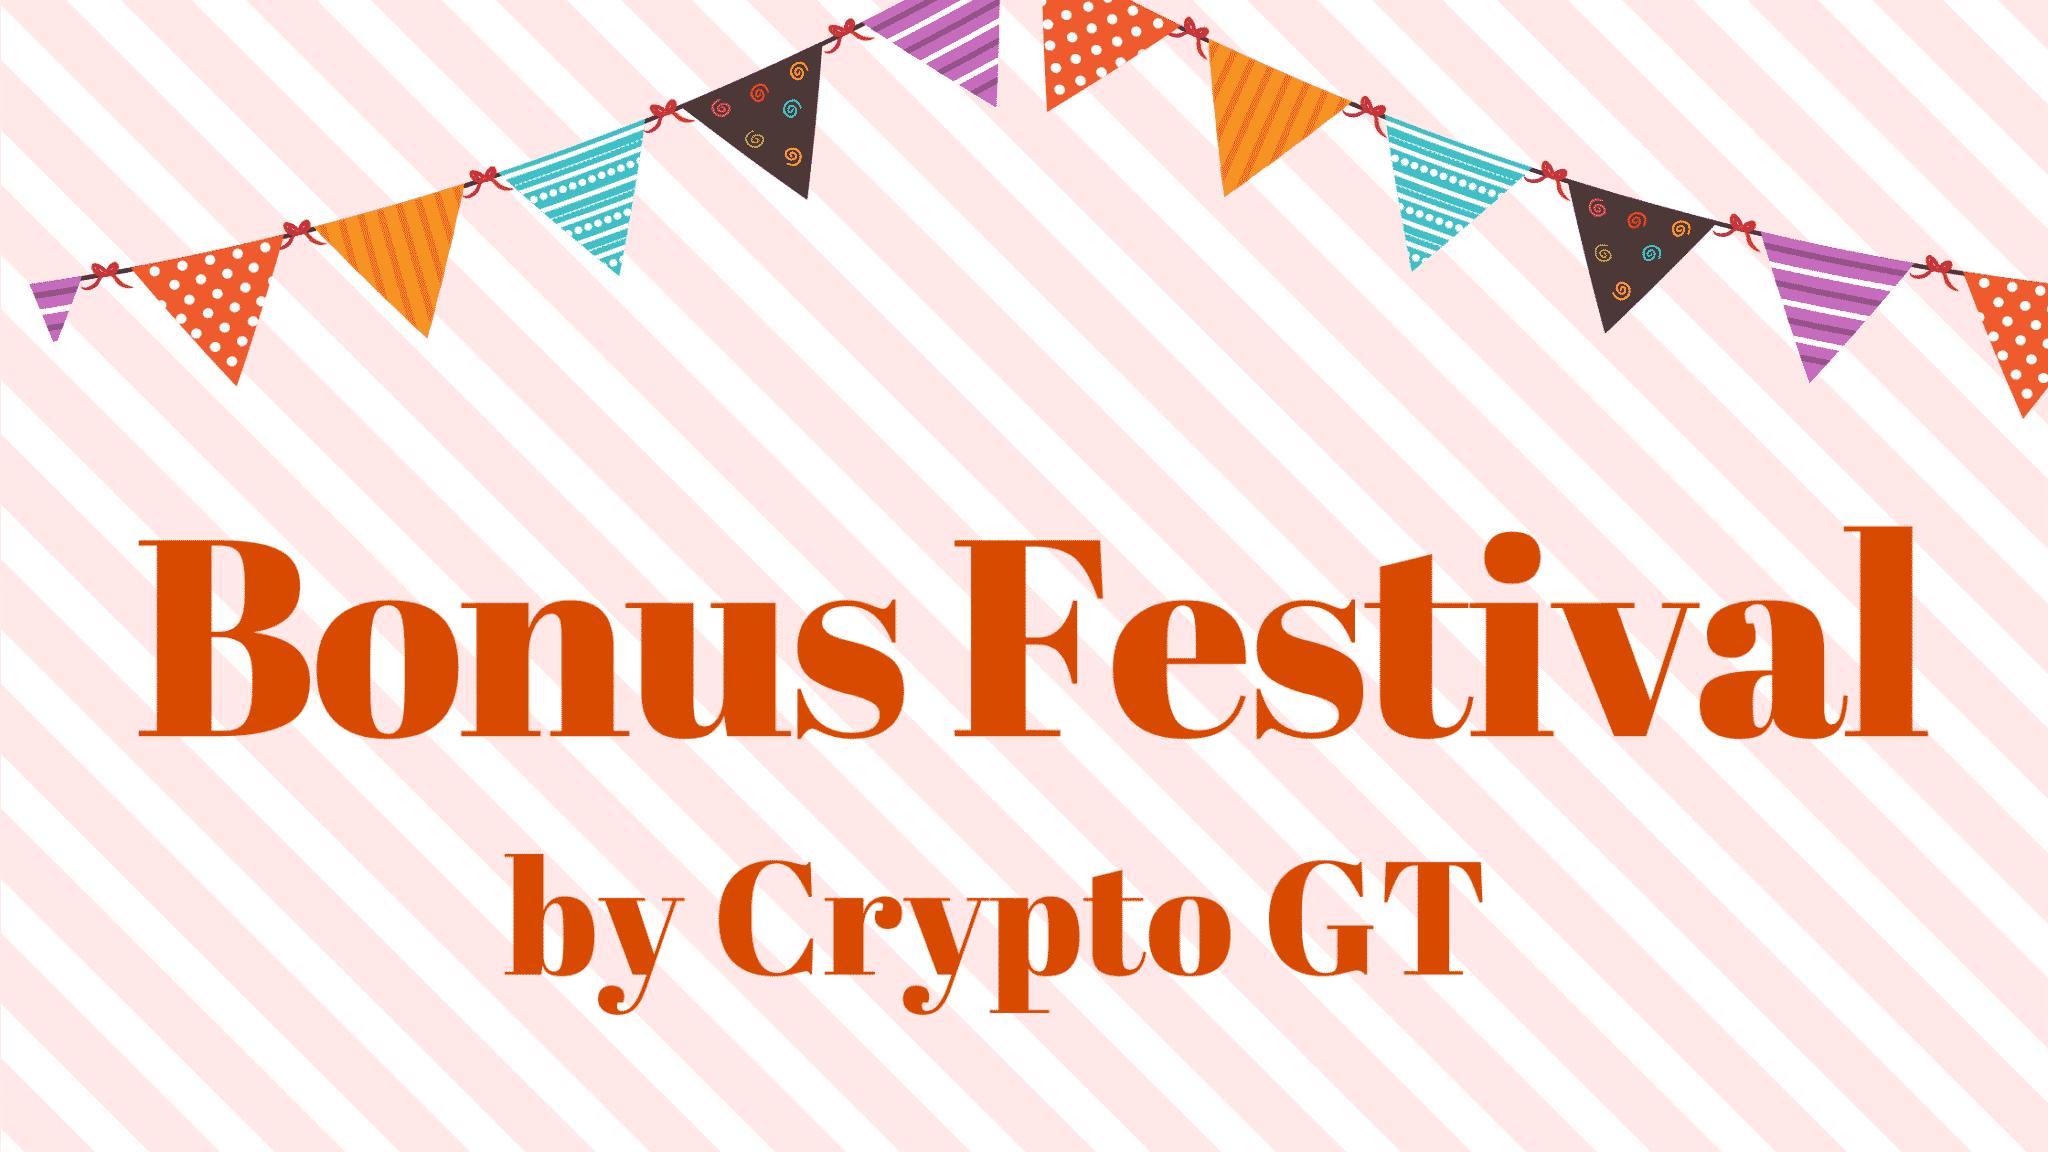 crypto gt ボーナスキャンペーン